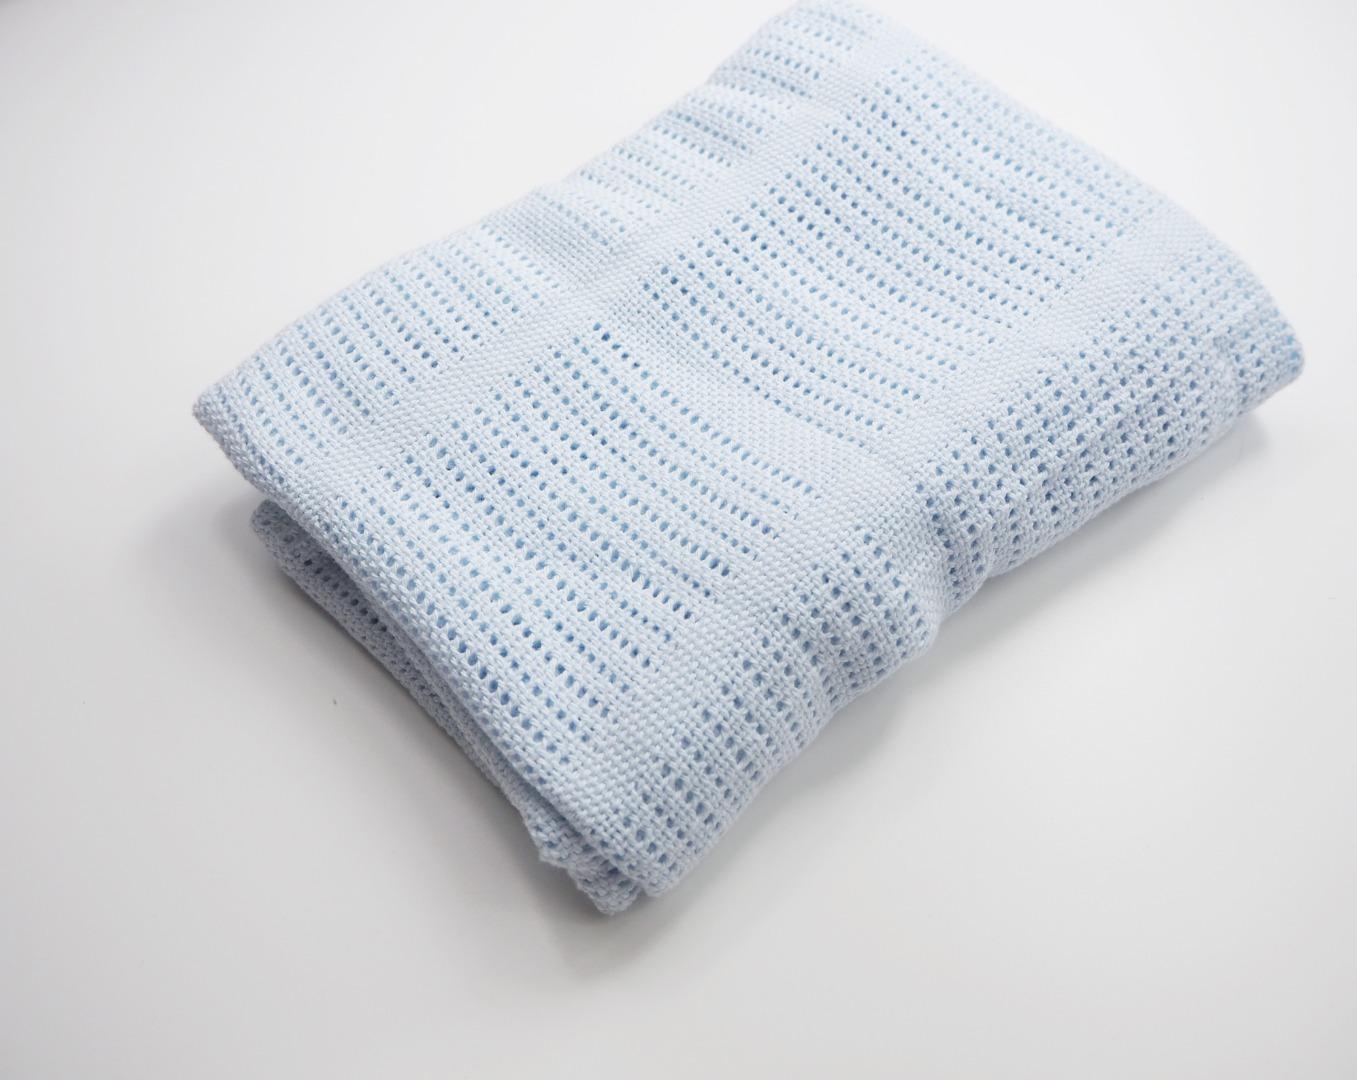 Baumwolle Strickdecke hellblau von lulujo